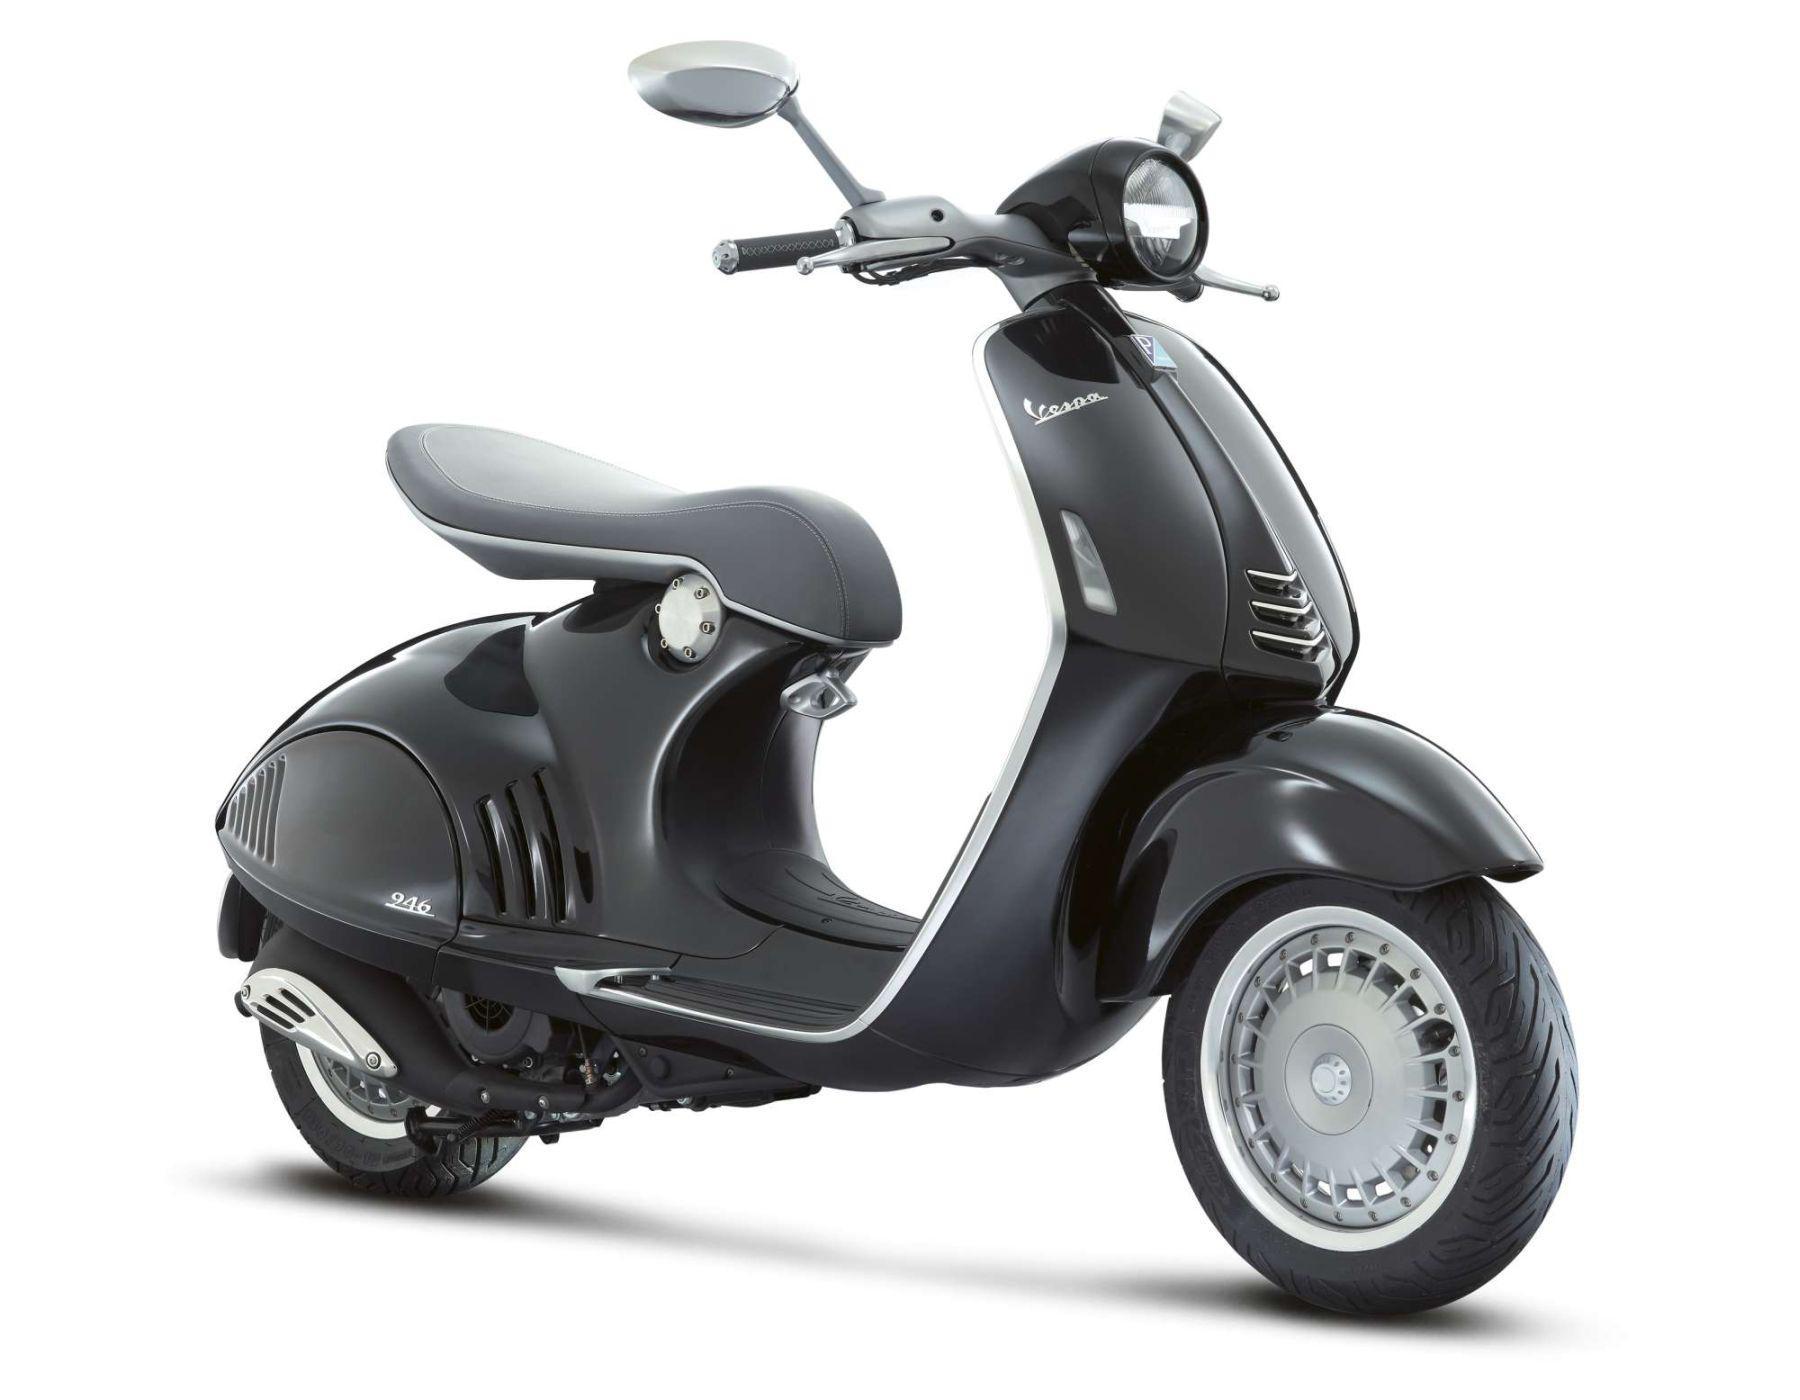 Vespa 125 1000ps Erklärt Alle Modelle